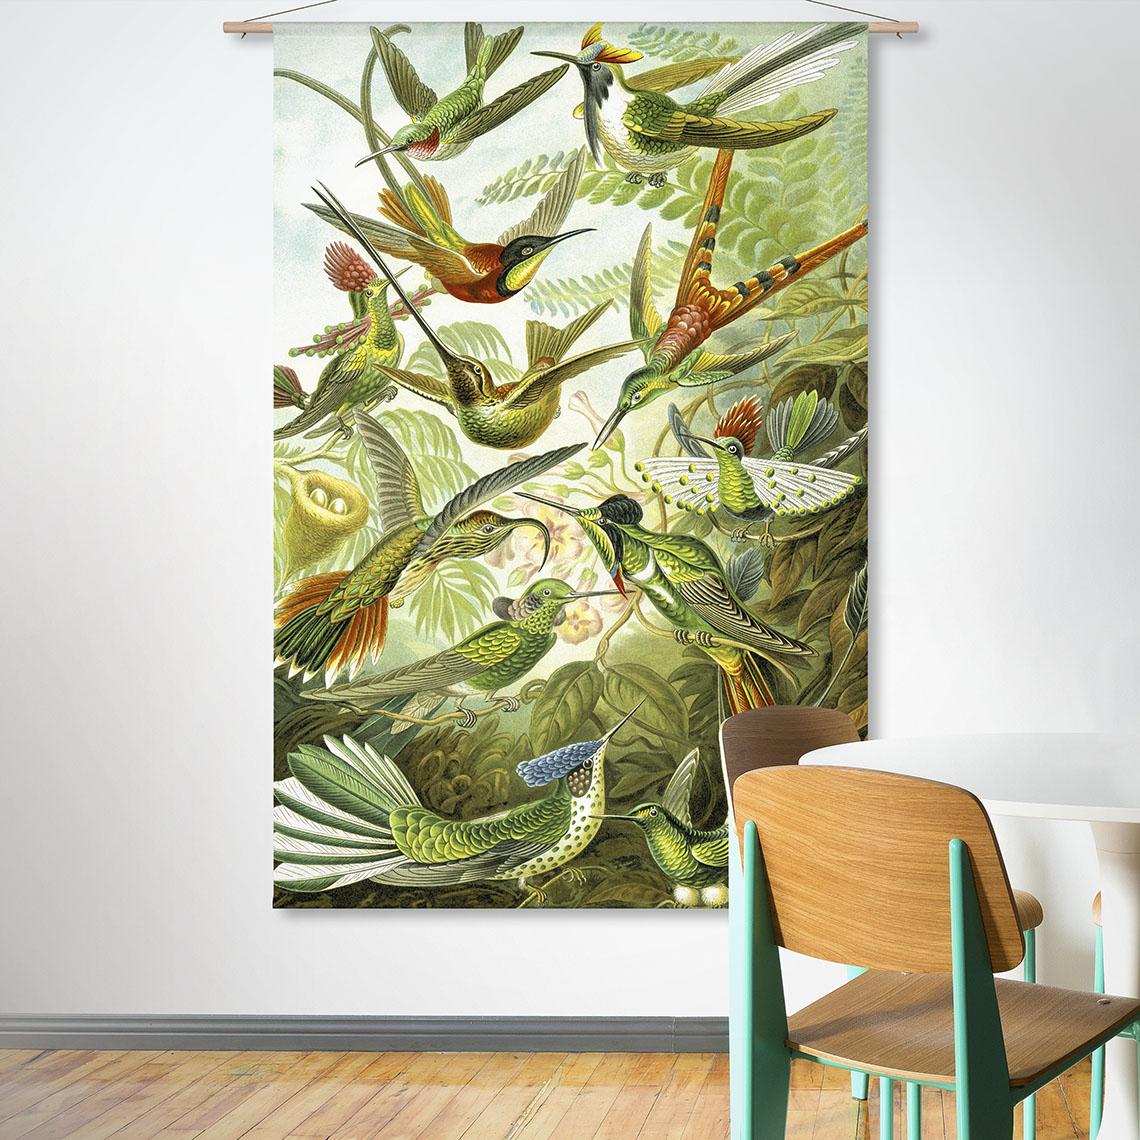 wanddoek_kolibries_interieur.jpg